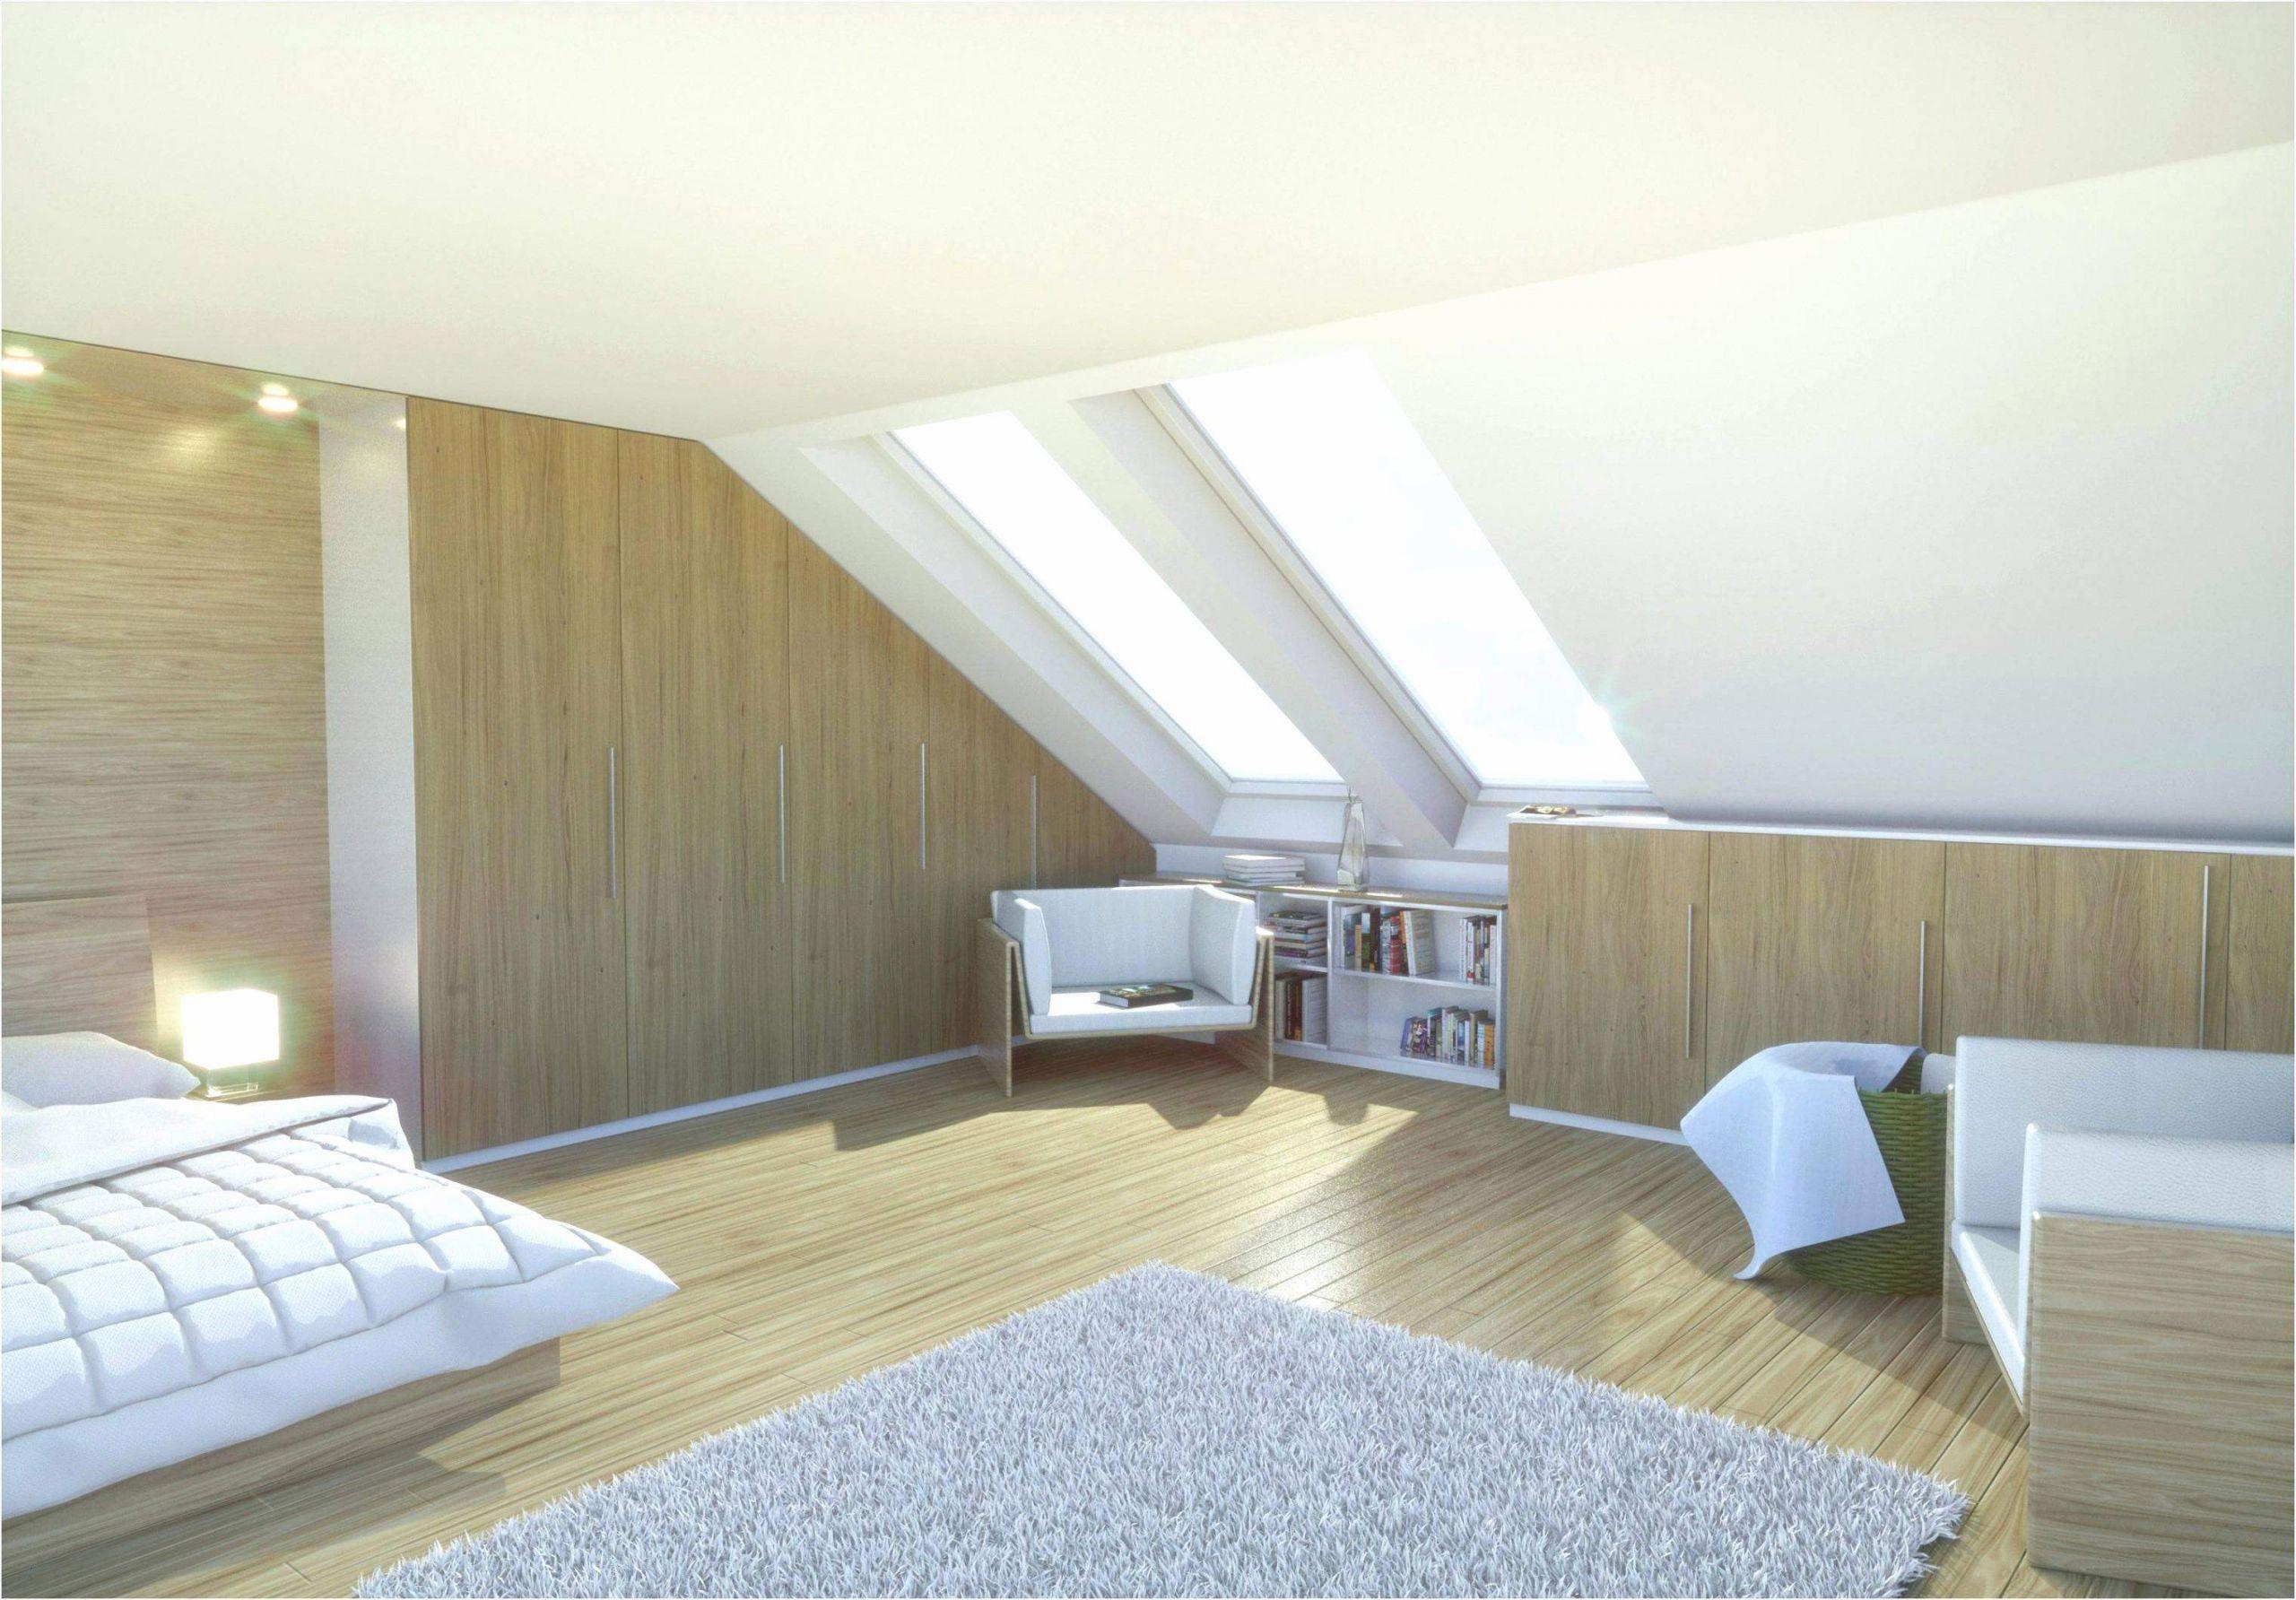 Deko Ideen Frisch 39 Reizend Wanddeko Ideen Wohnzimmer Genial